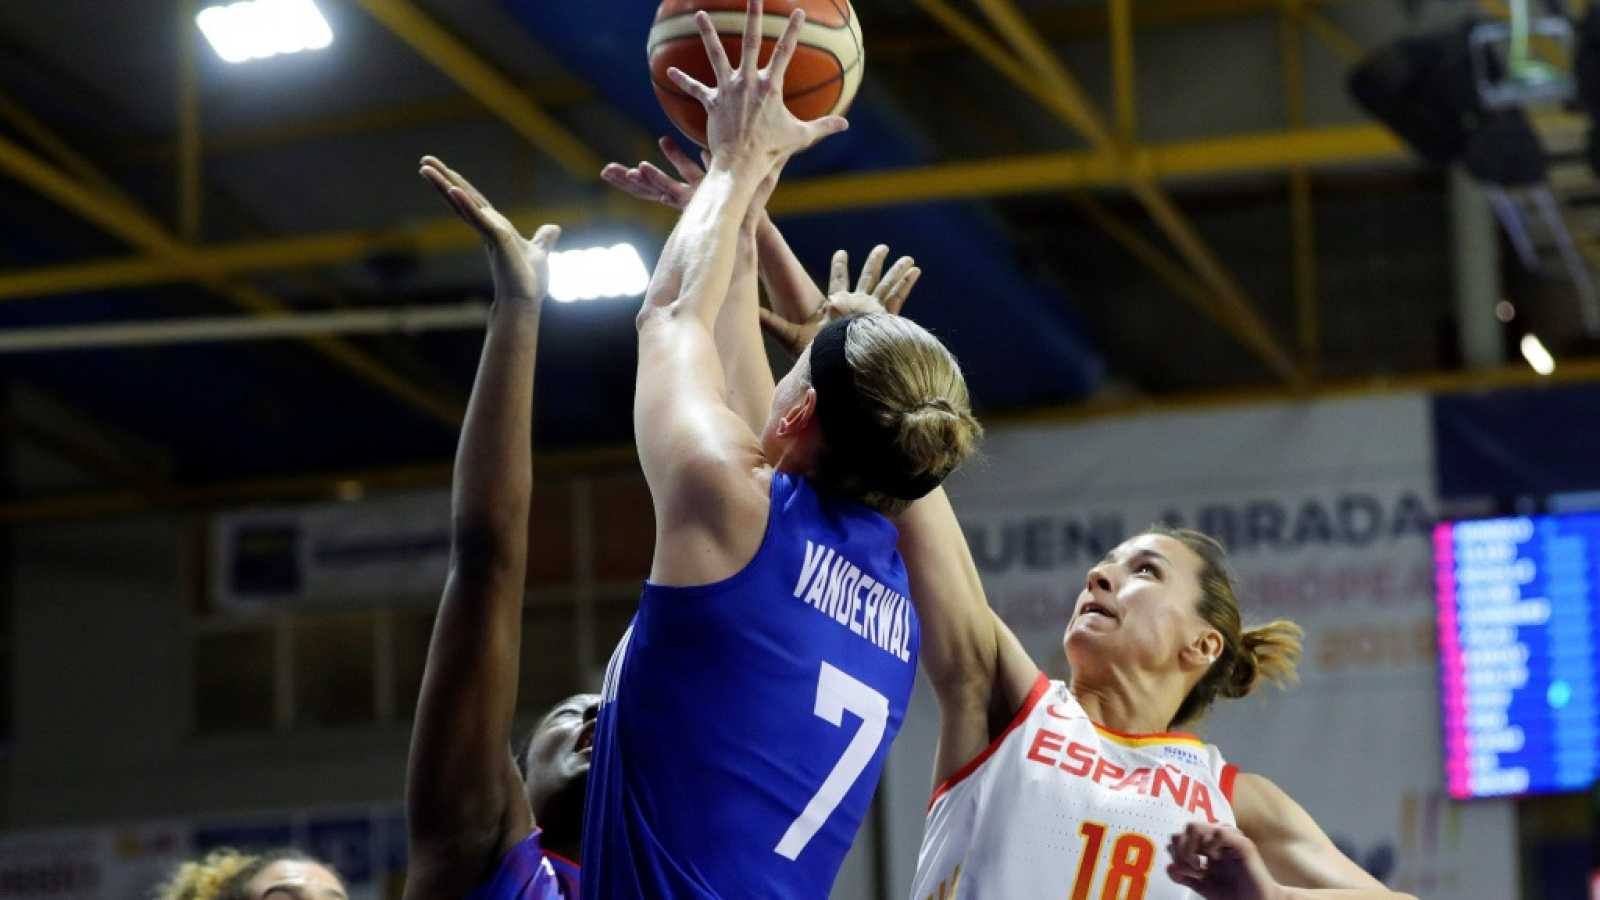 Baloncesto - Gira Preparación Campeonato de Europa Femenino: España - Gran Bretaña - ver ahora